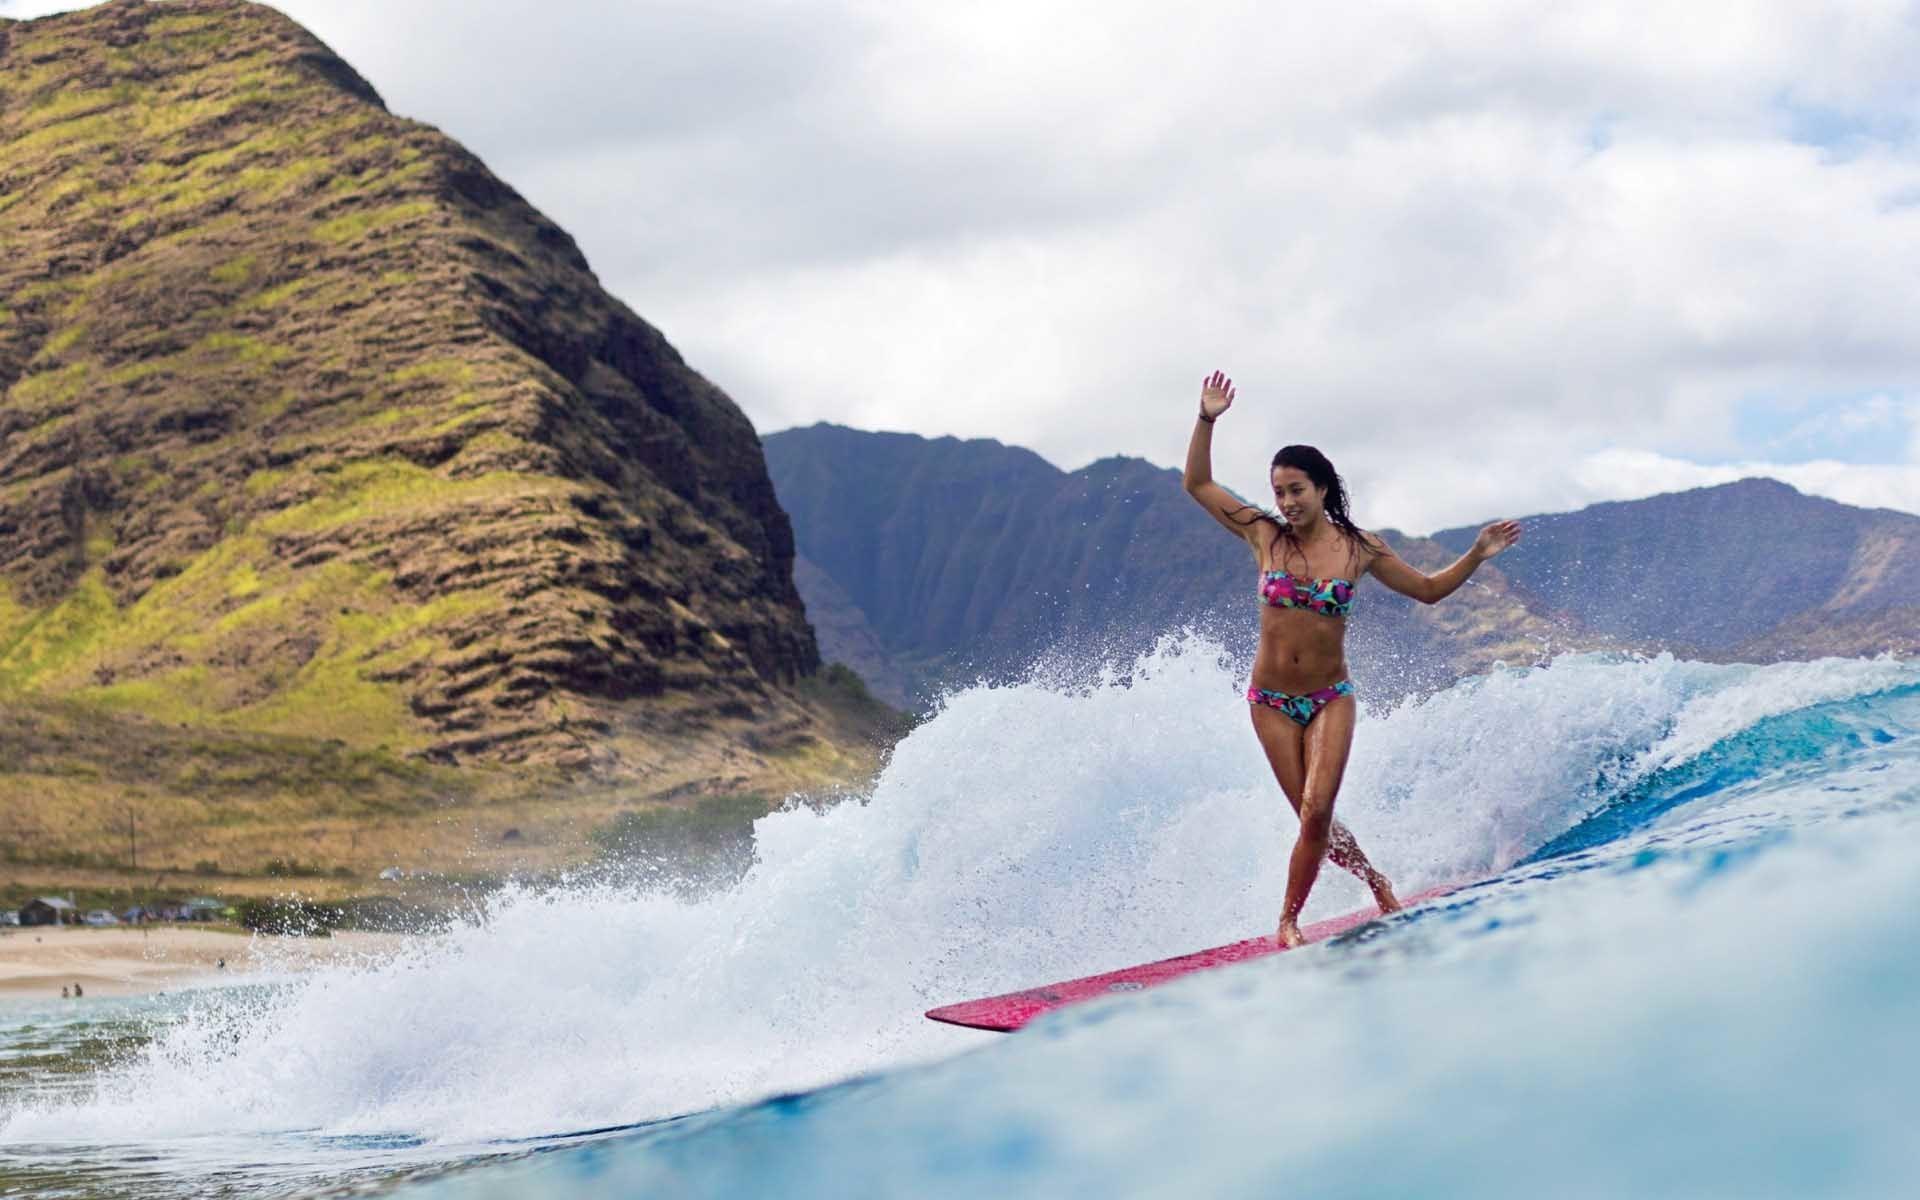 Surfer Girl Desktop Wallpaper 58684